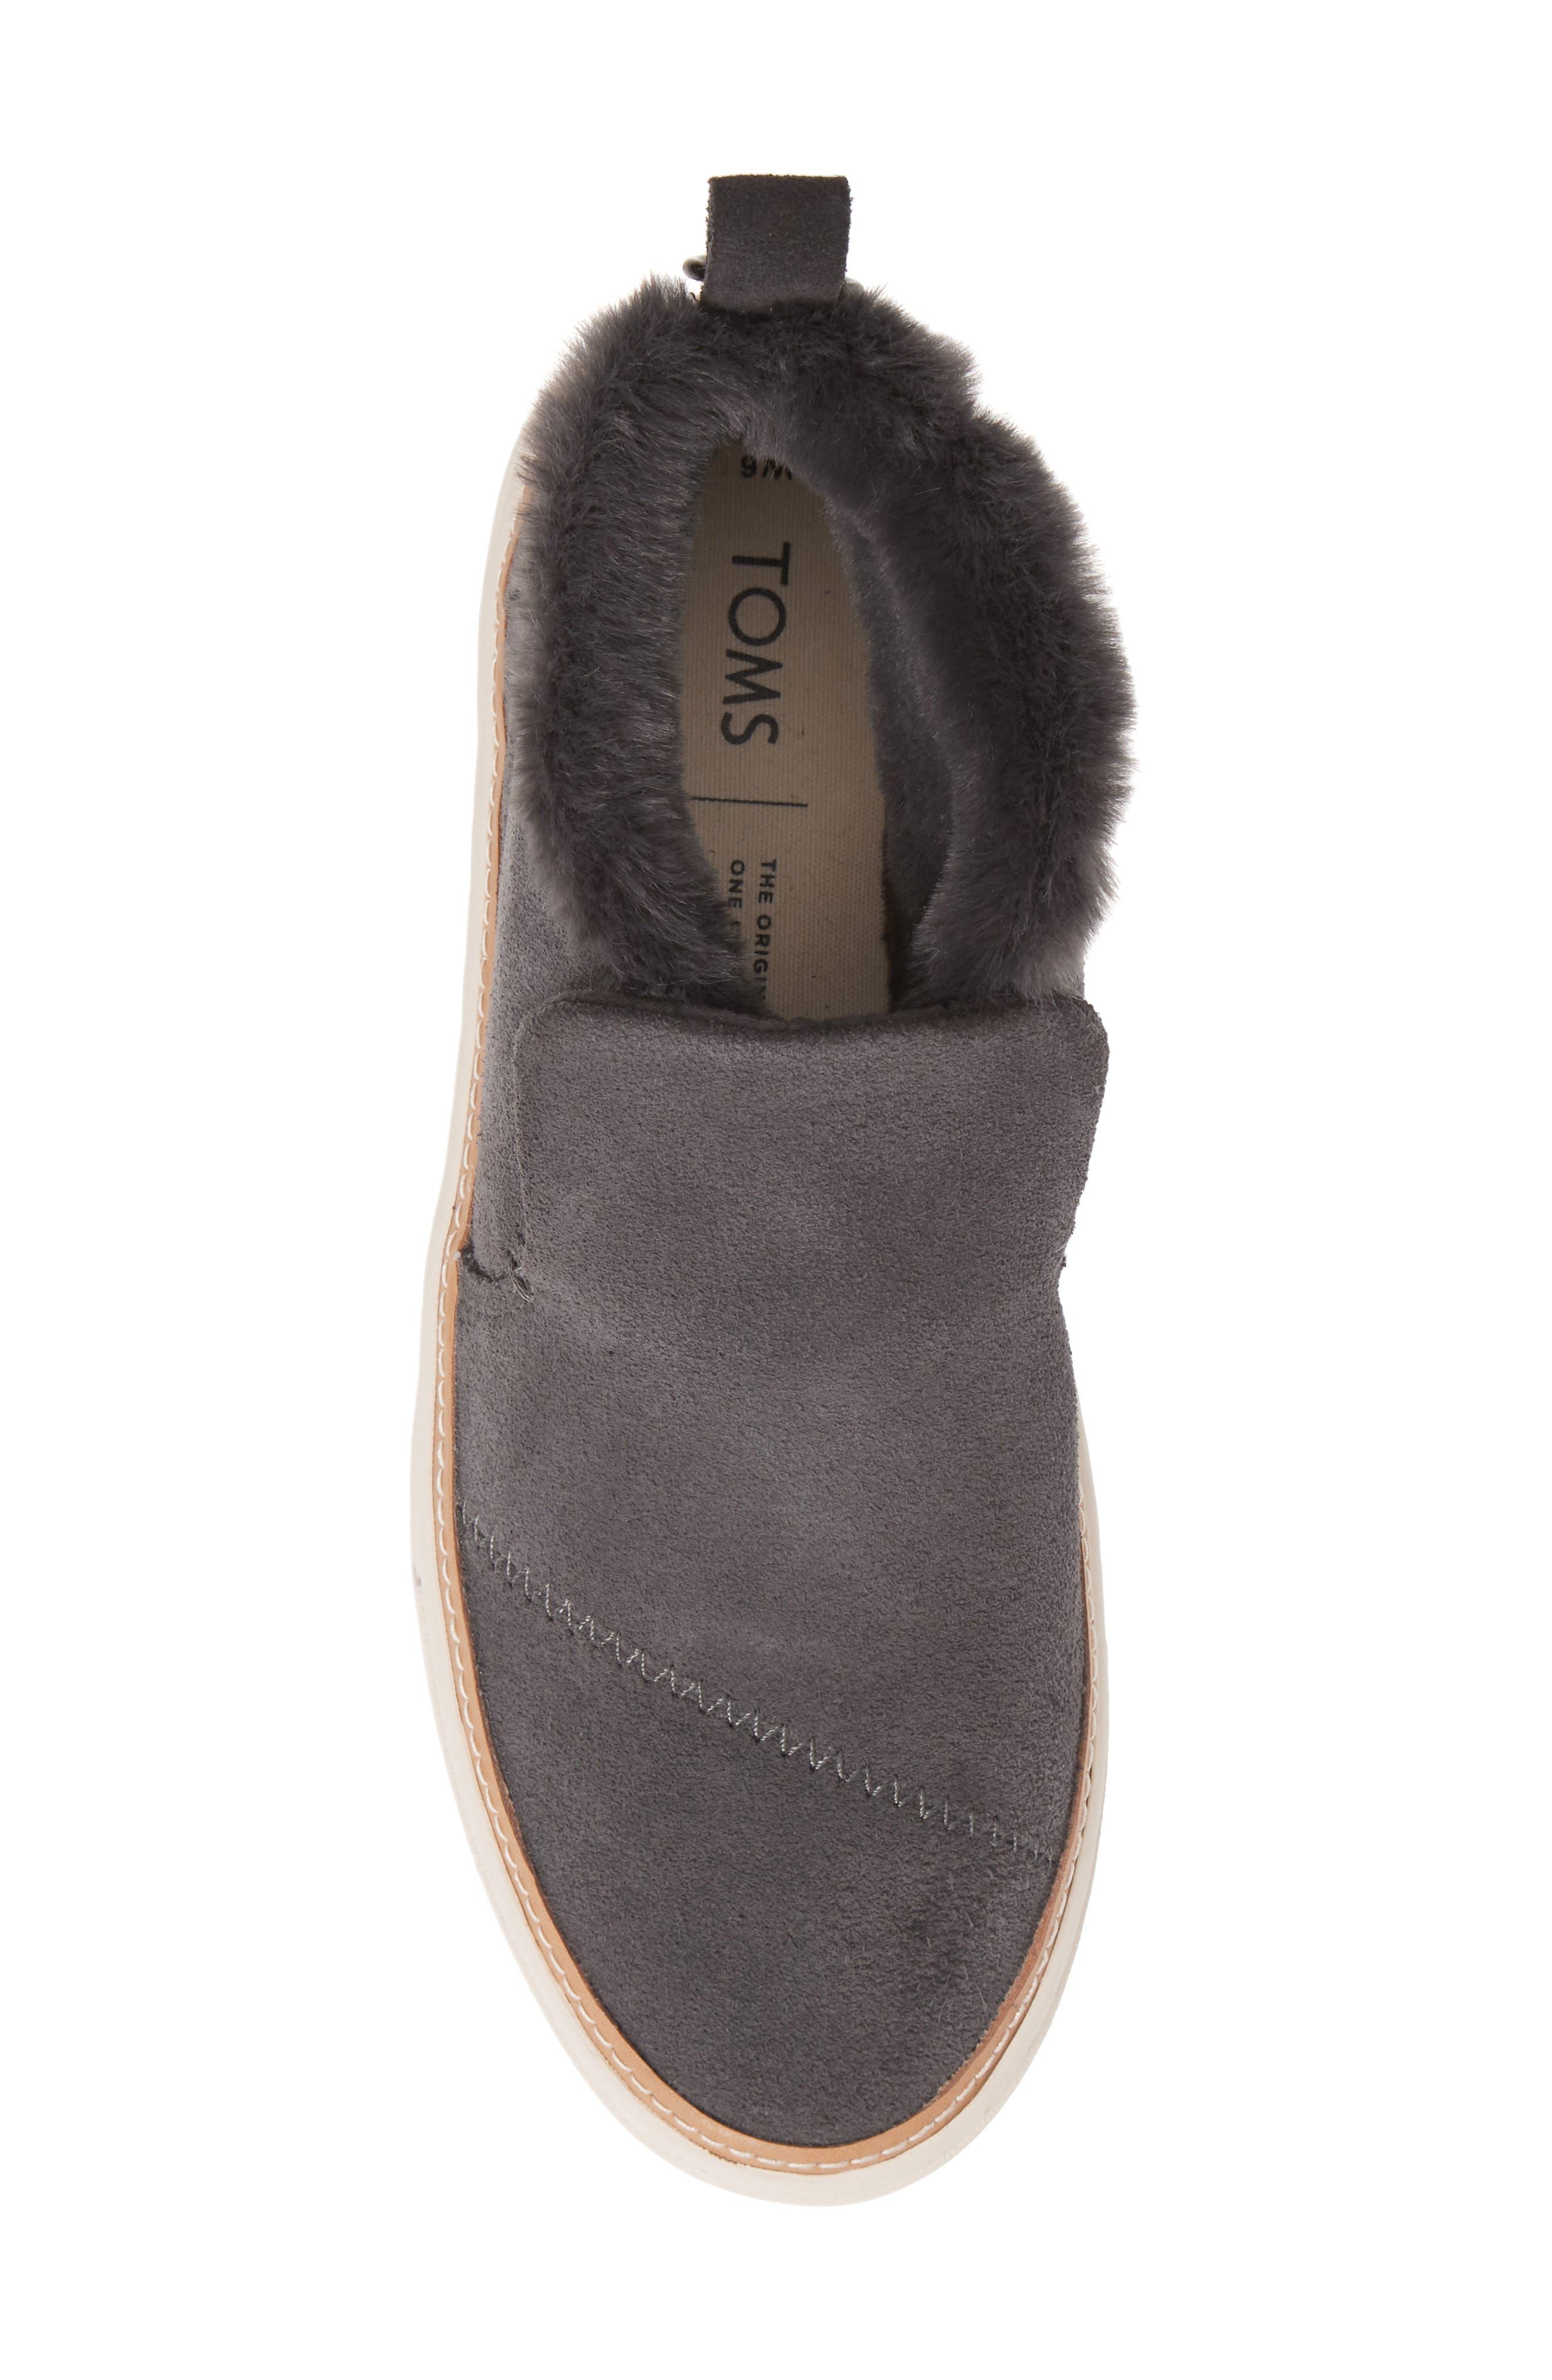 Paxton Slip-On Chukka Sneaker,                             Alternate thumbnail 5, color,                             020